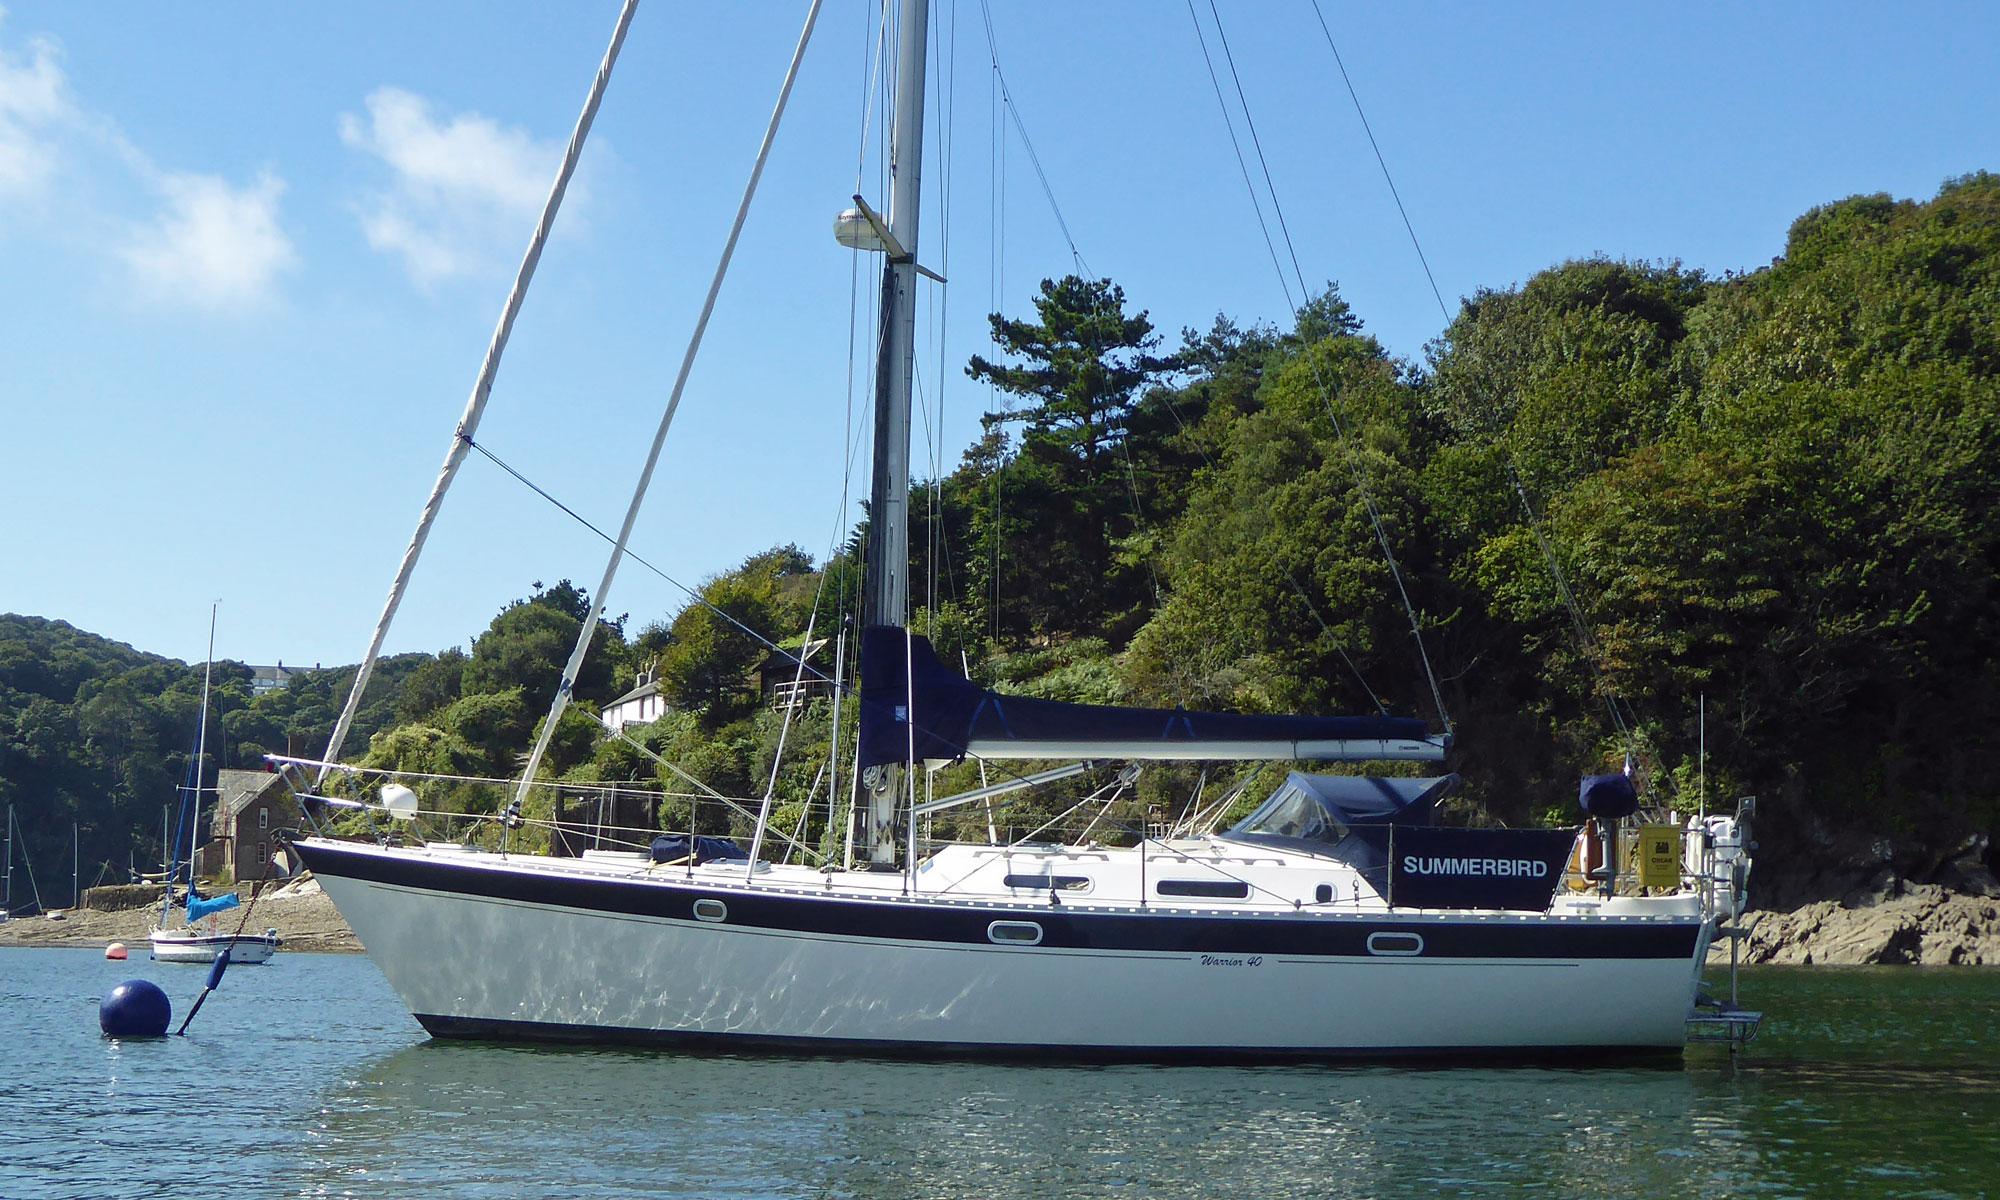 A Warrior 40 sailboat